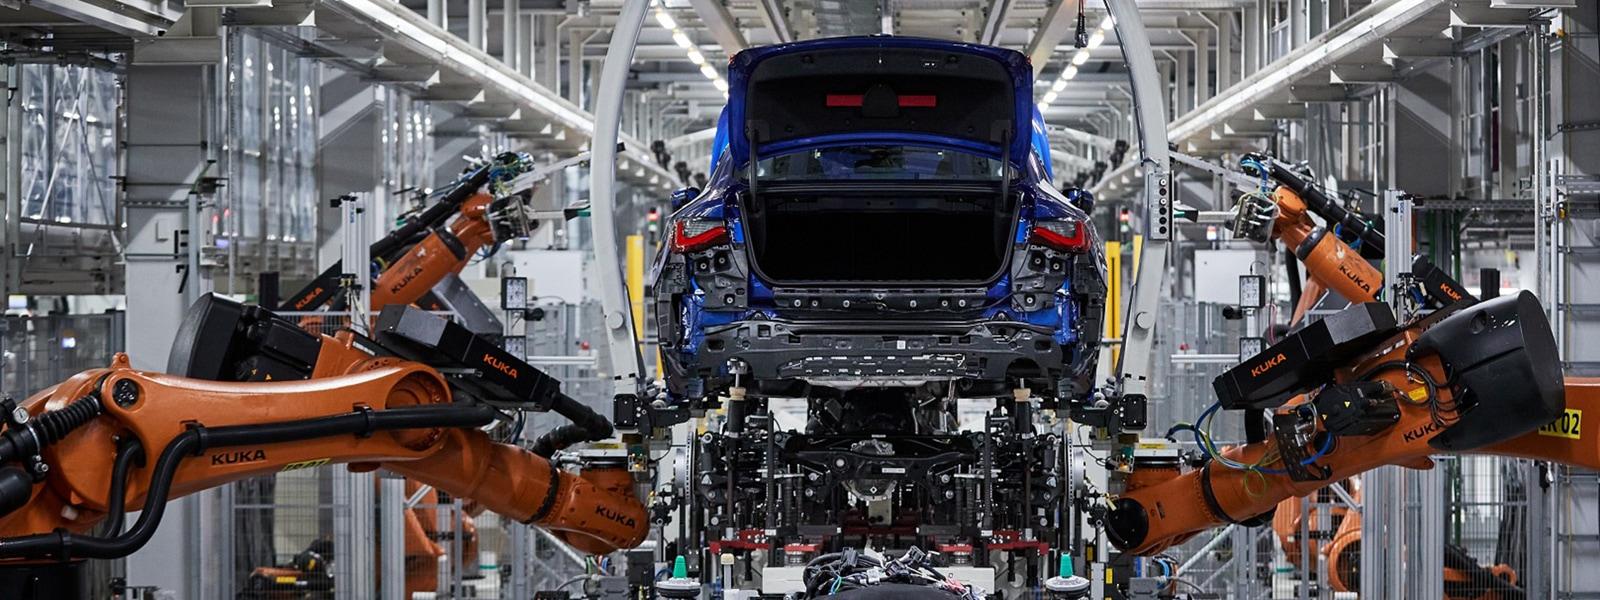 Fertigungshalle einer Autoproduktion